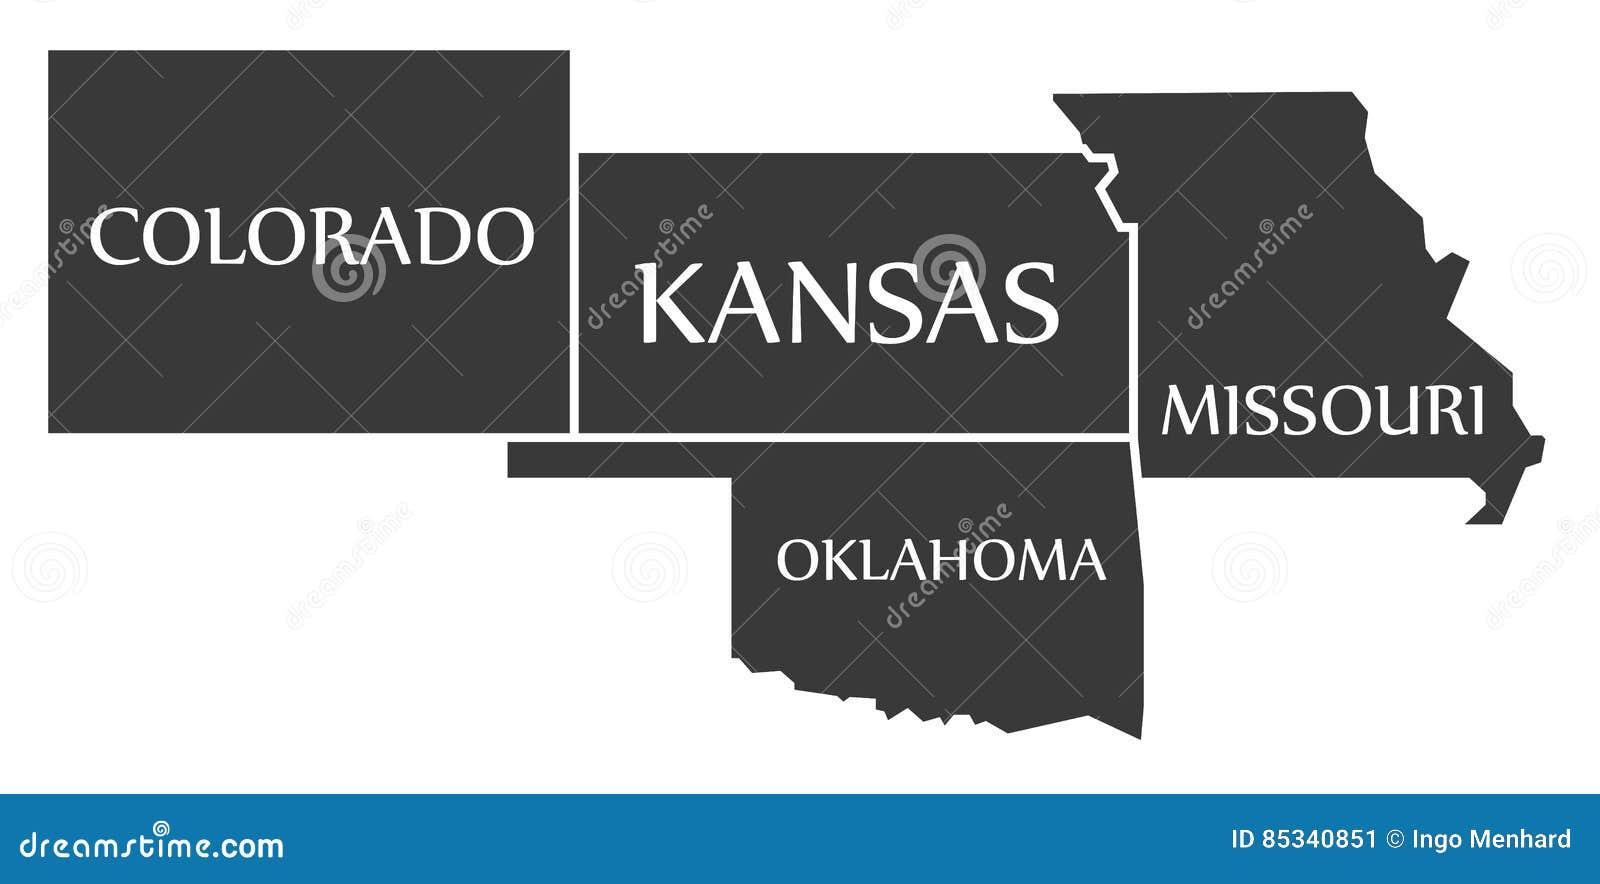 Обозначенная карта Колорадо - Канзаса - Оклахомы - Миссури черной